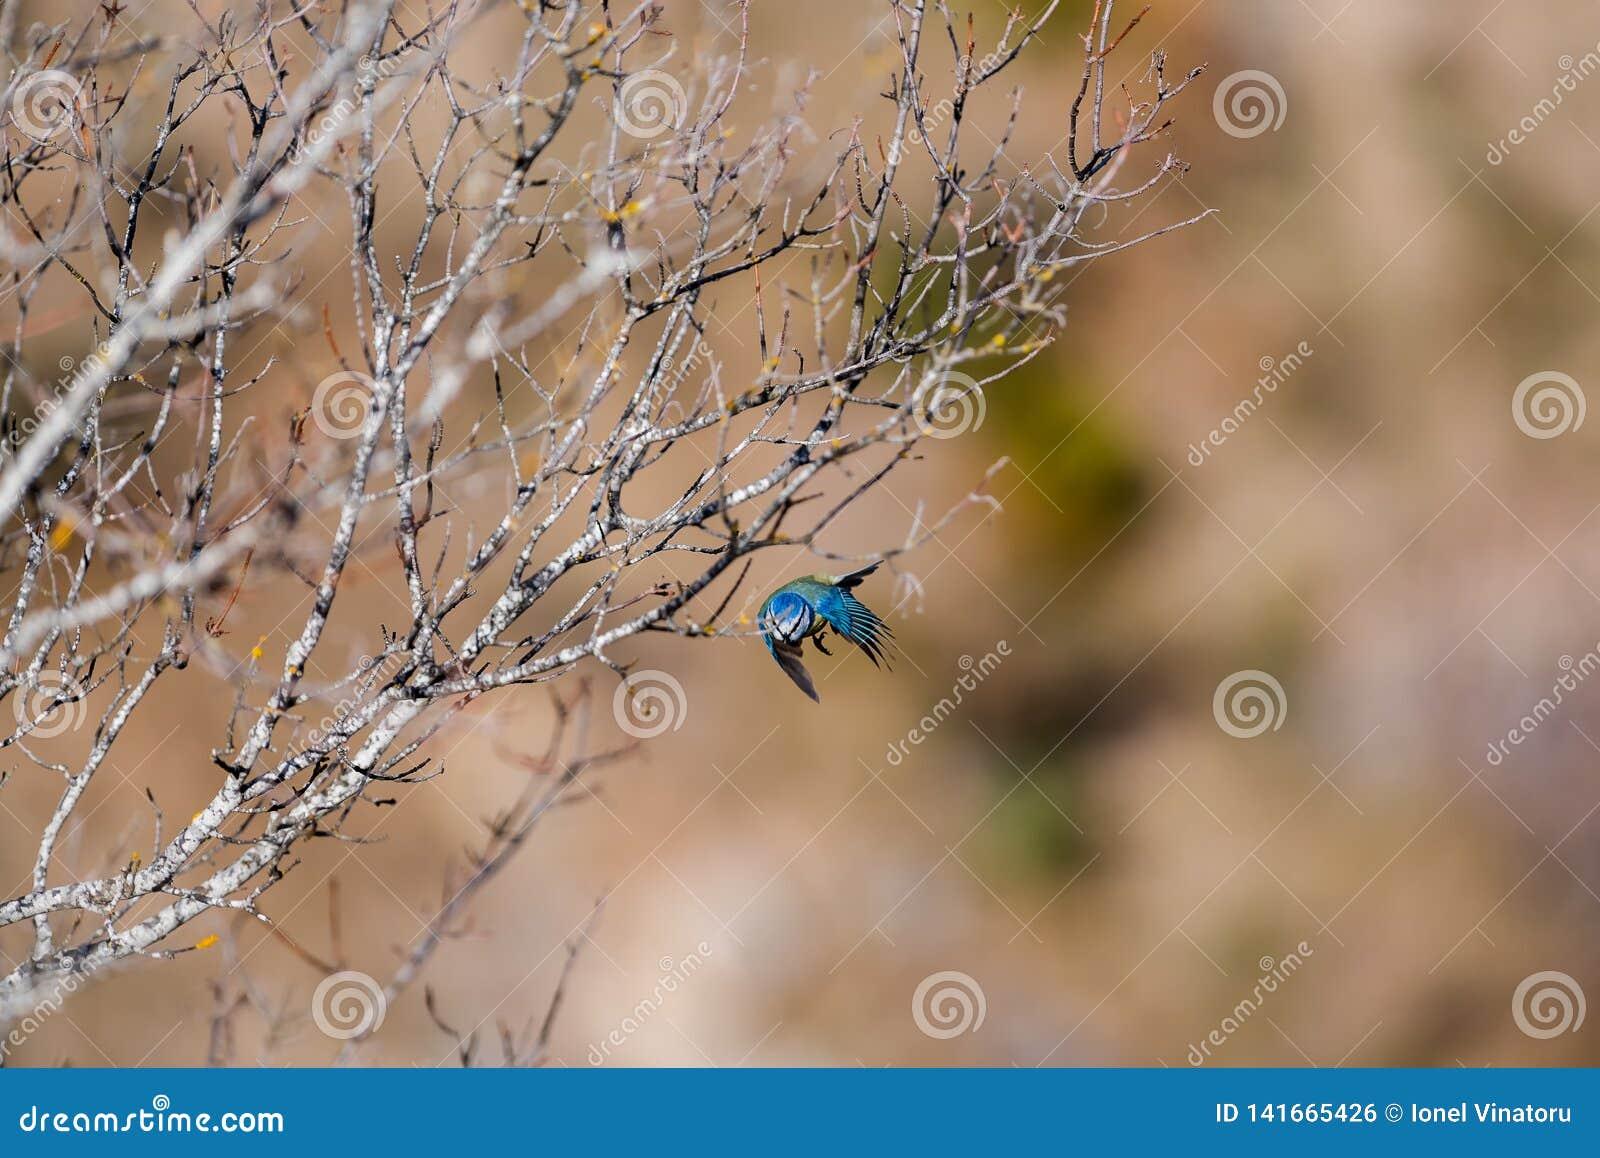 Scena z błękitnym tit na wiosna ranku